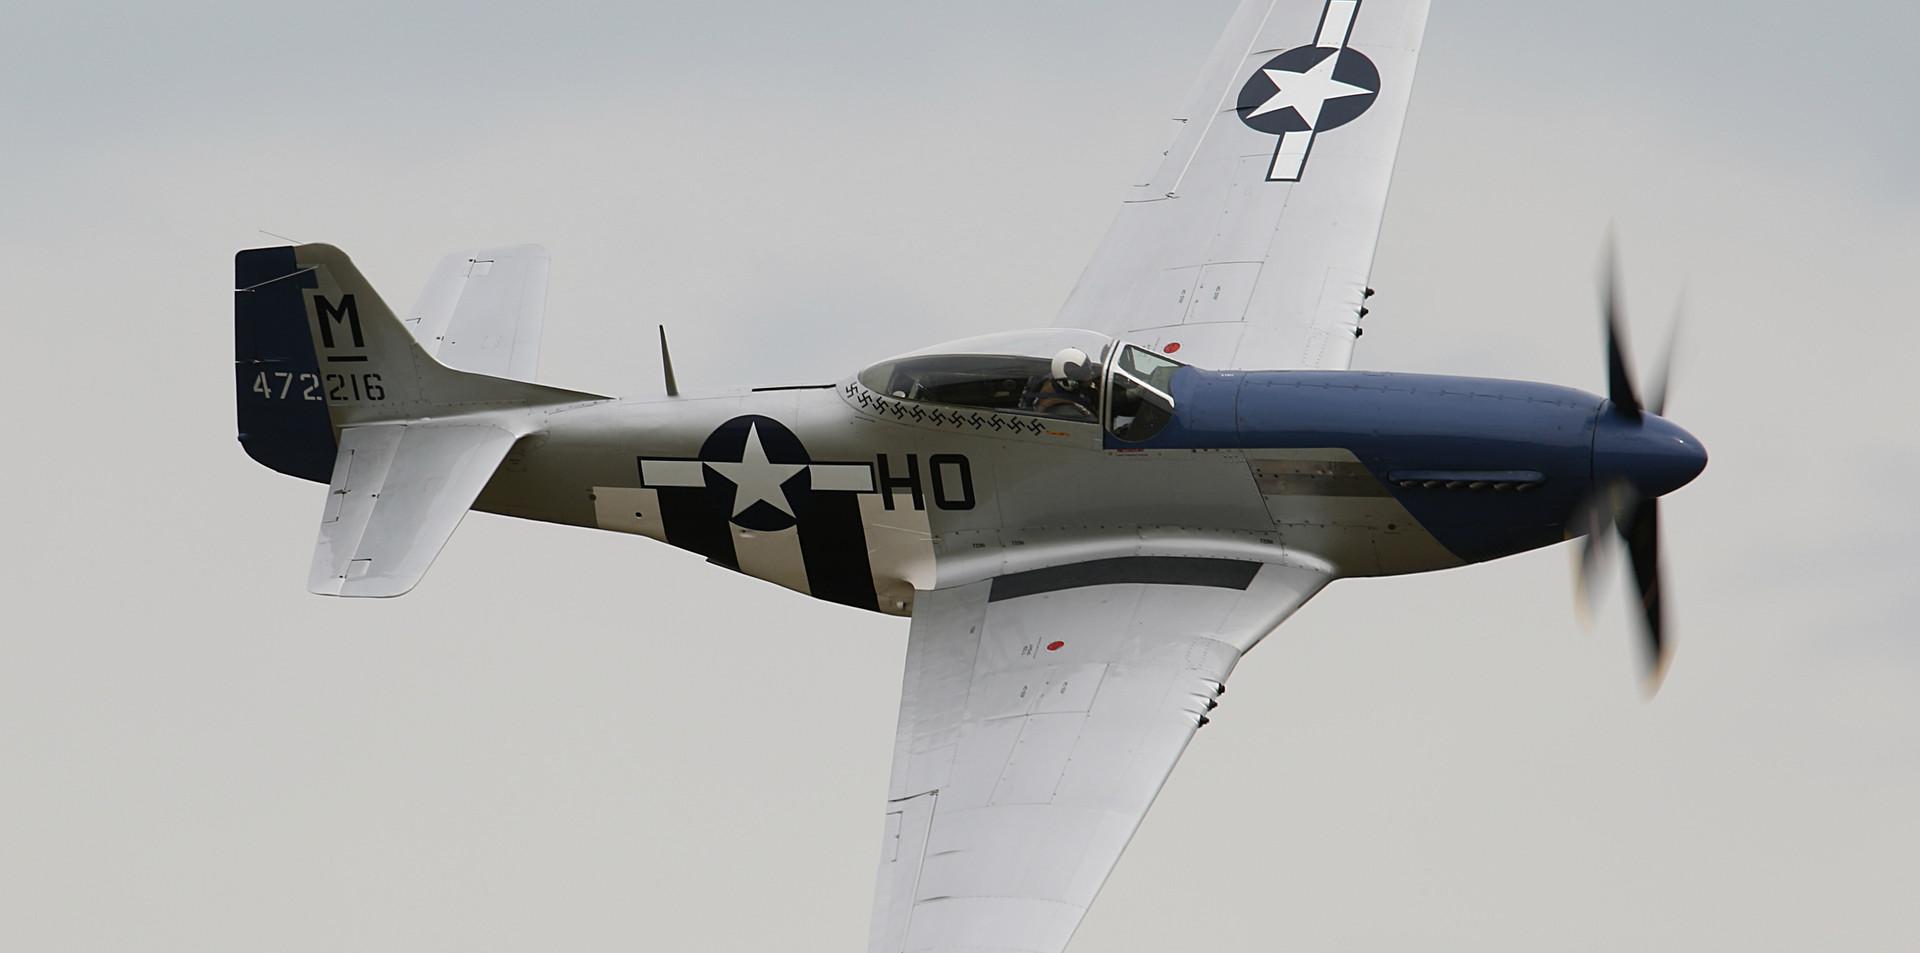 P-51 Mustang Daks over Duxford June 2019